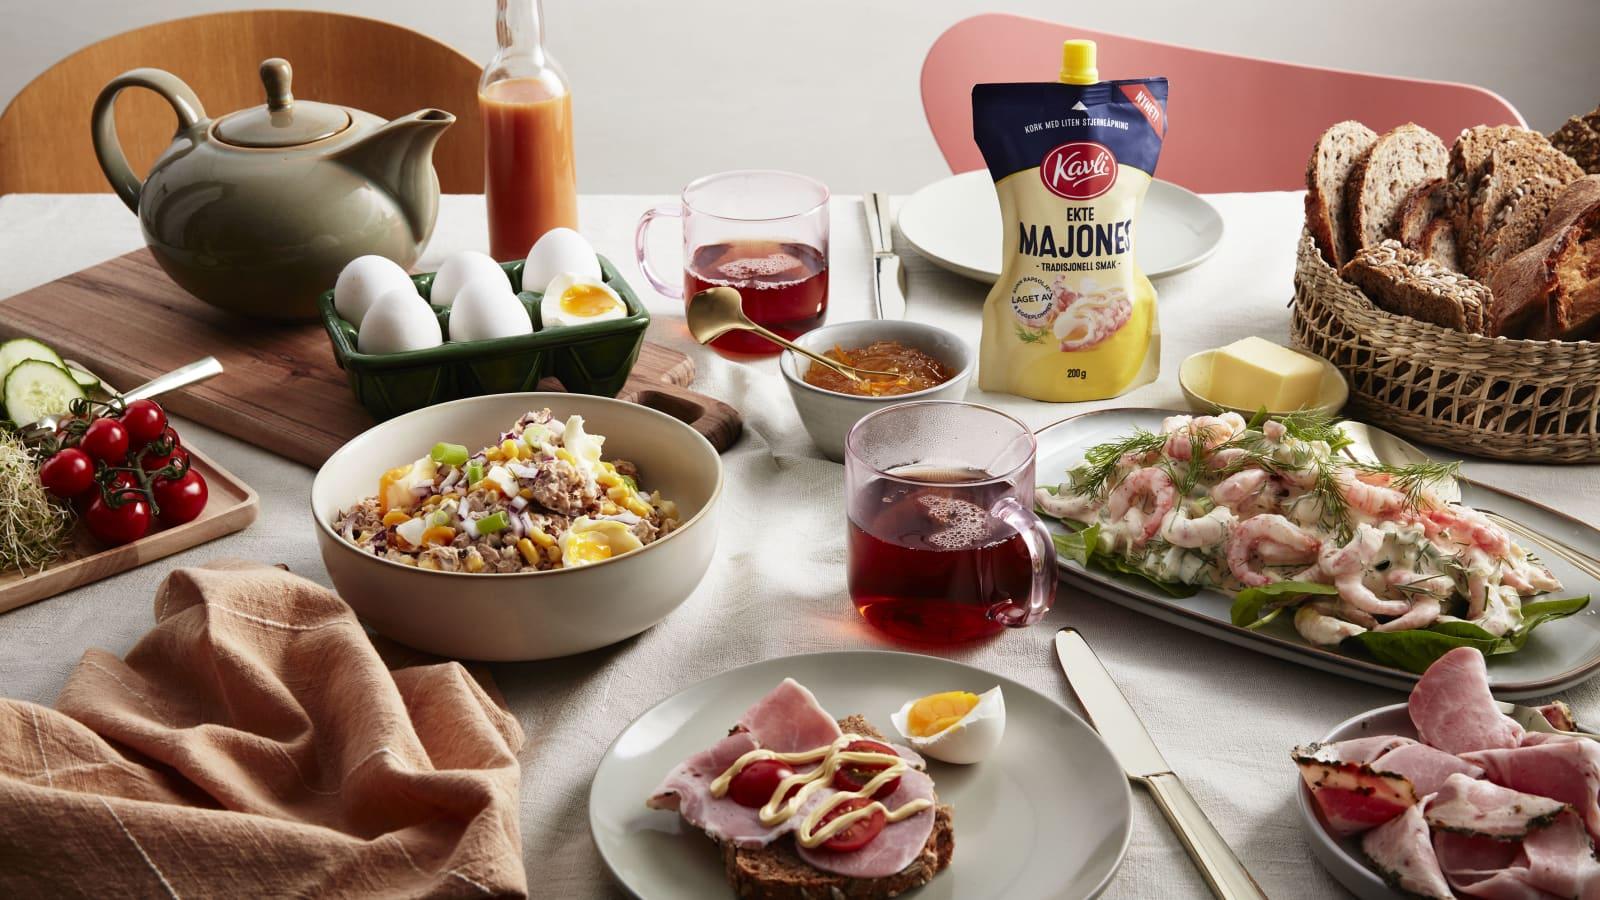 Hjemmelaget tunfisksalat og rekesalat på et fulldekket frokostbord.